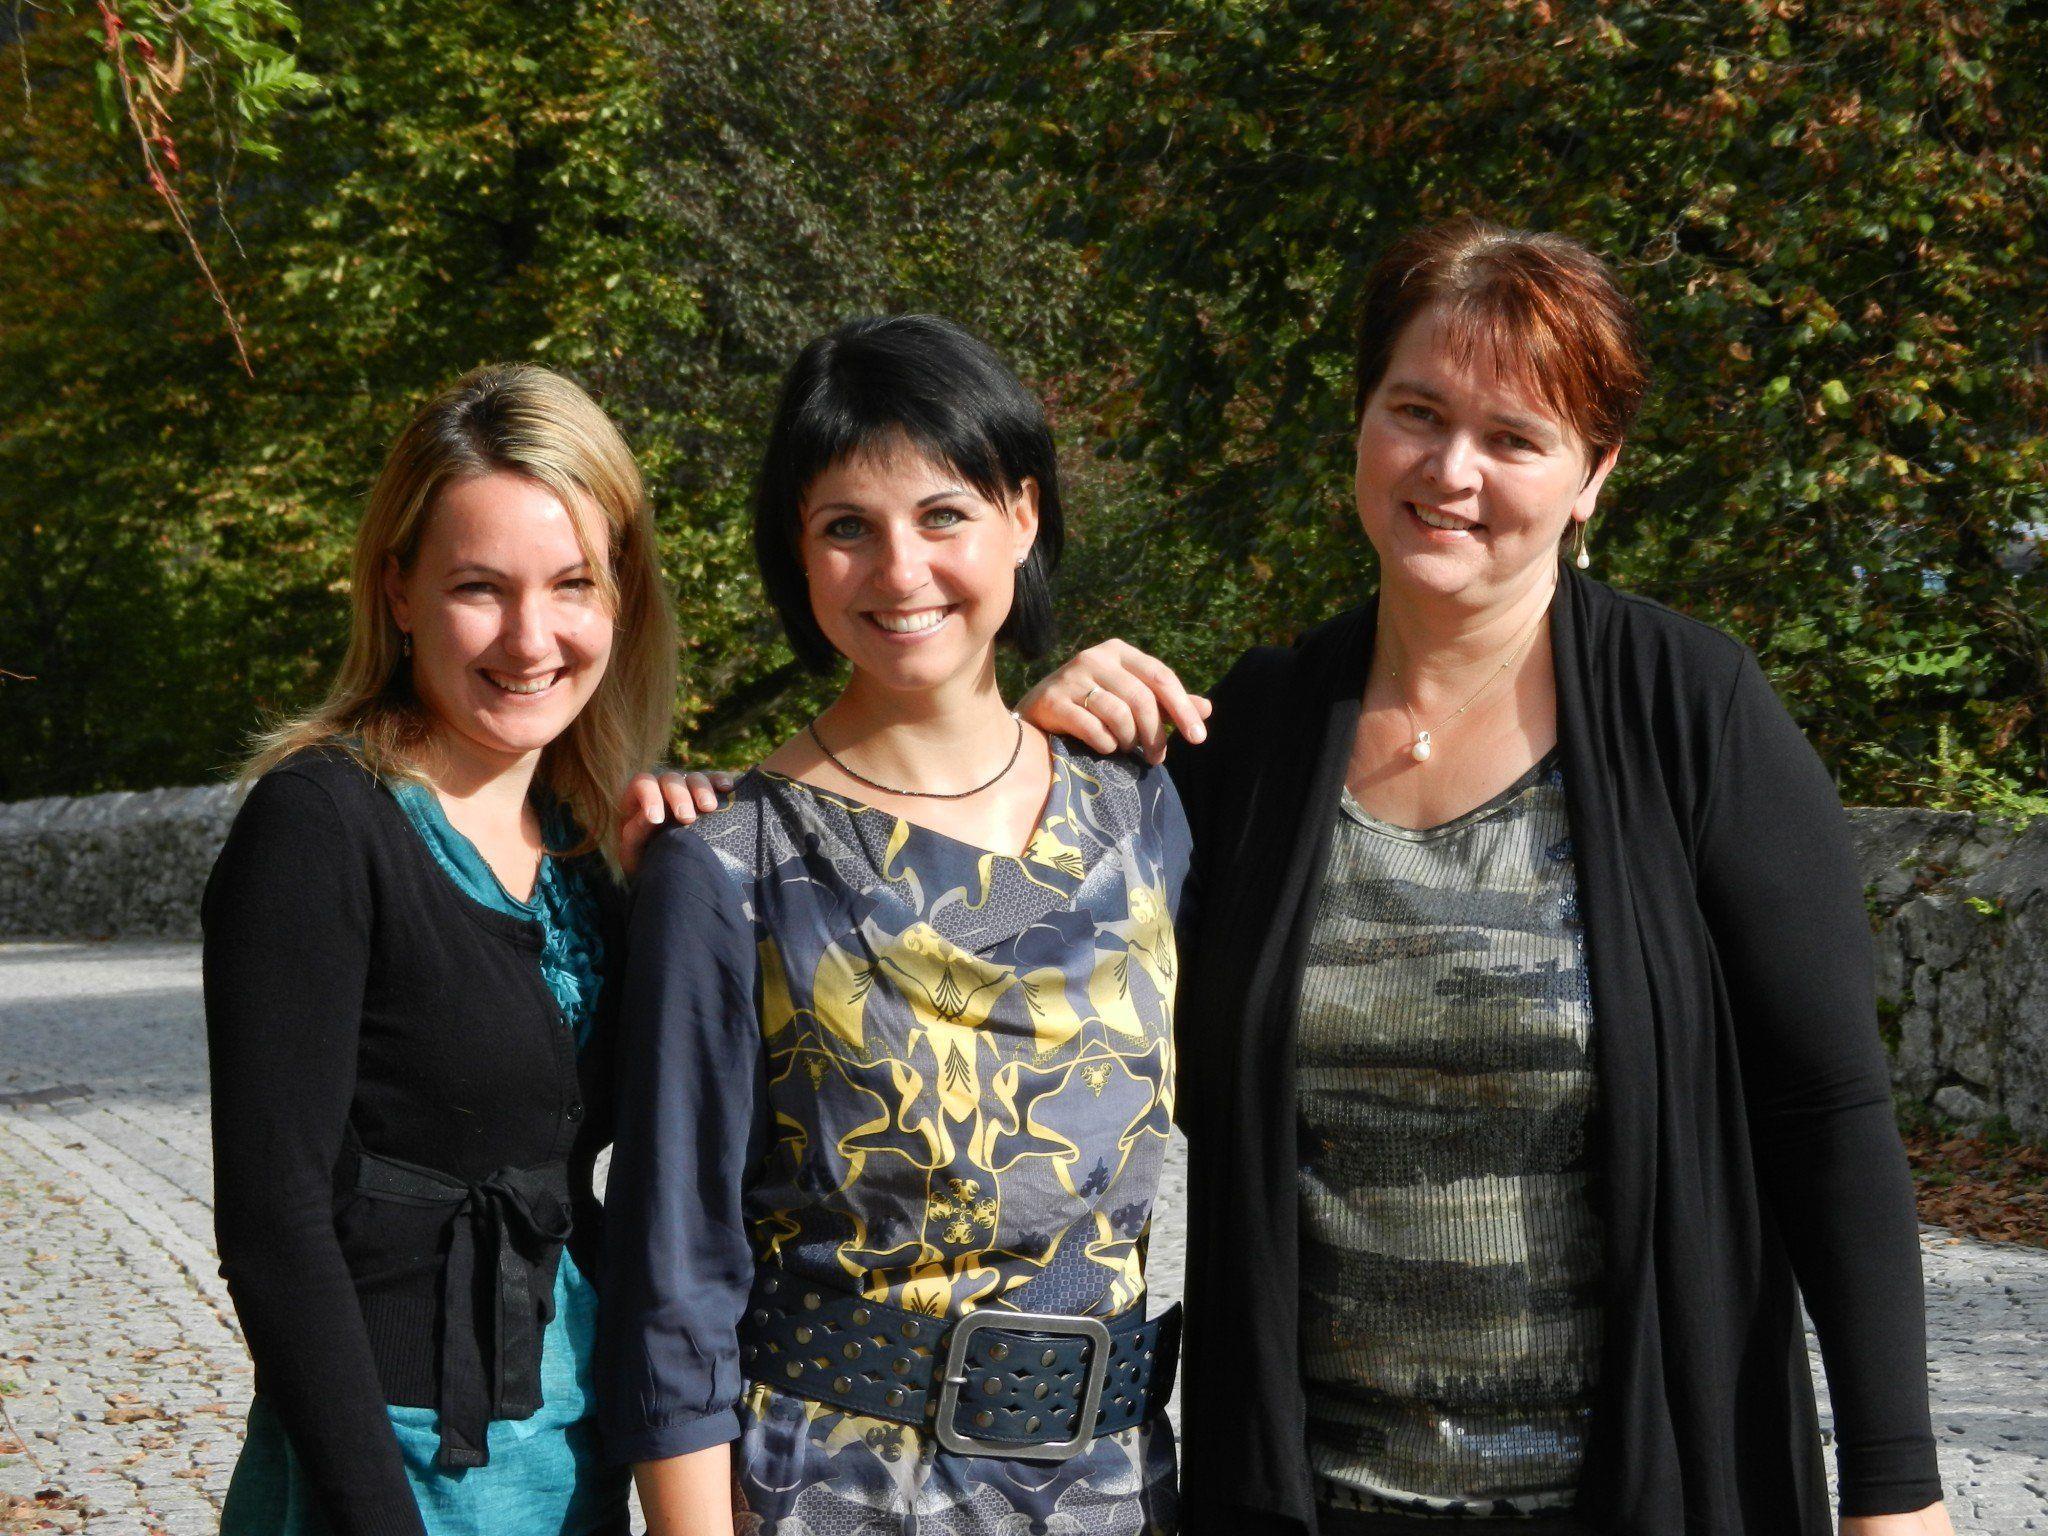 Ein musikalisches Trio: Verena Huber, Christine Schneider und Gerda Poppa (von links)